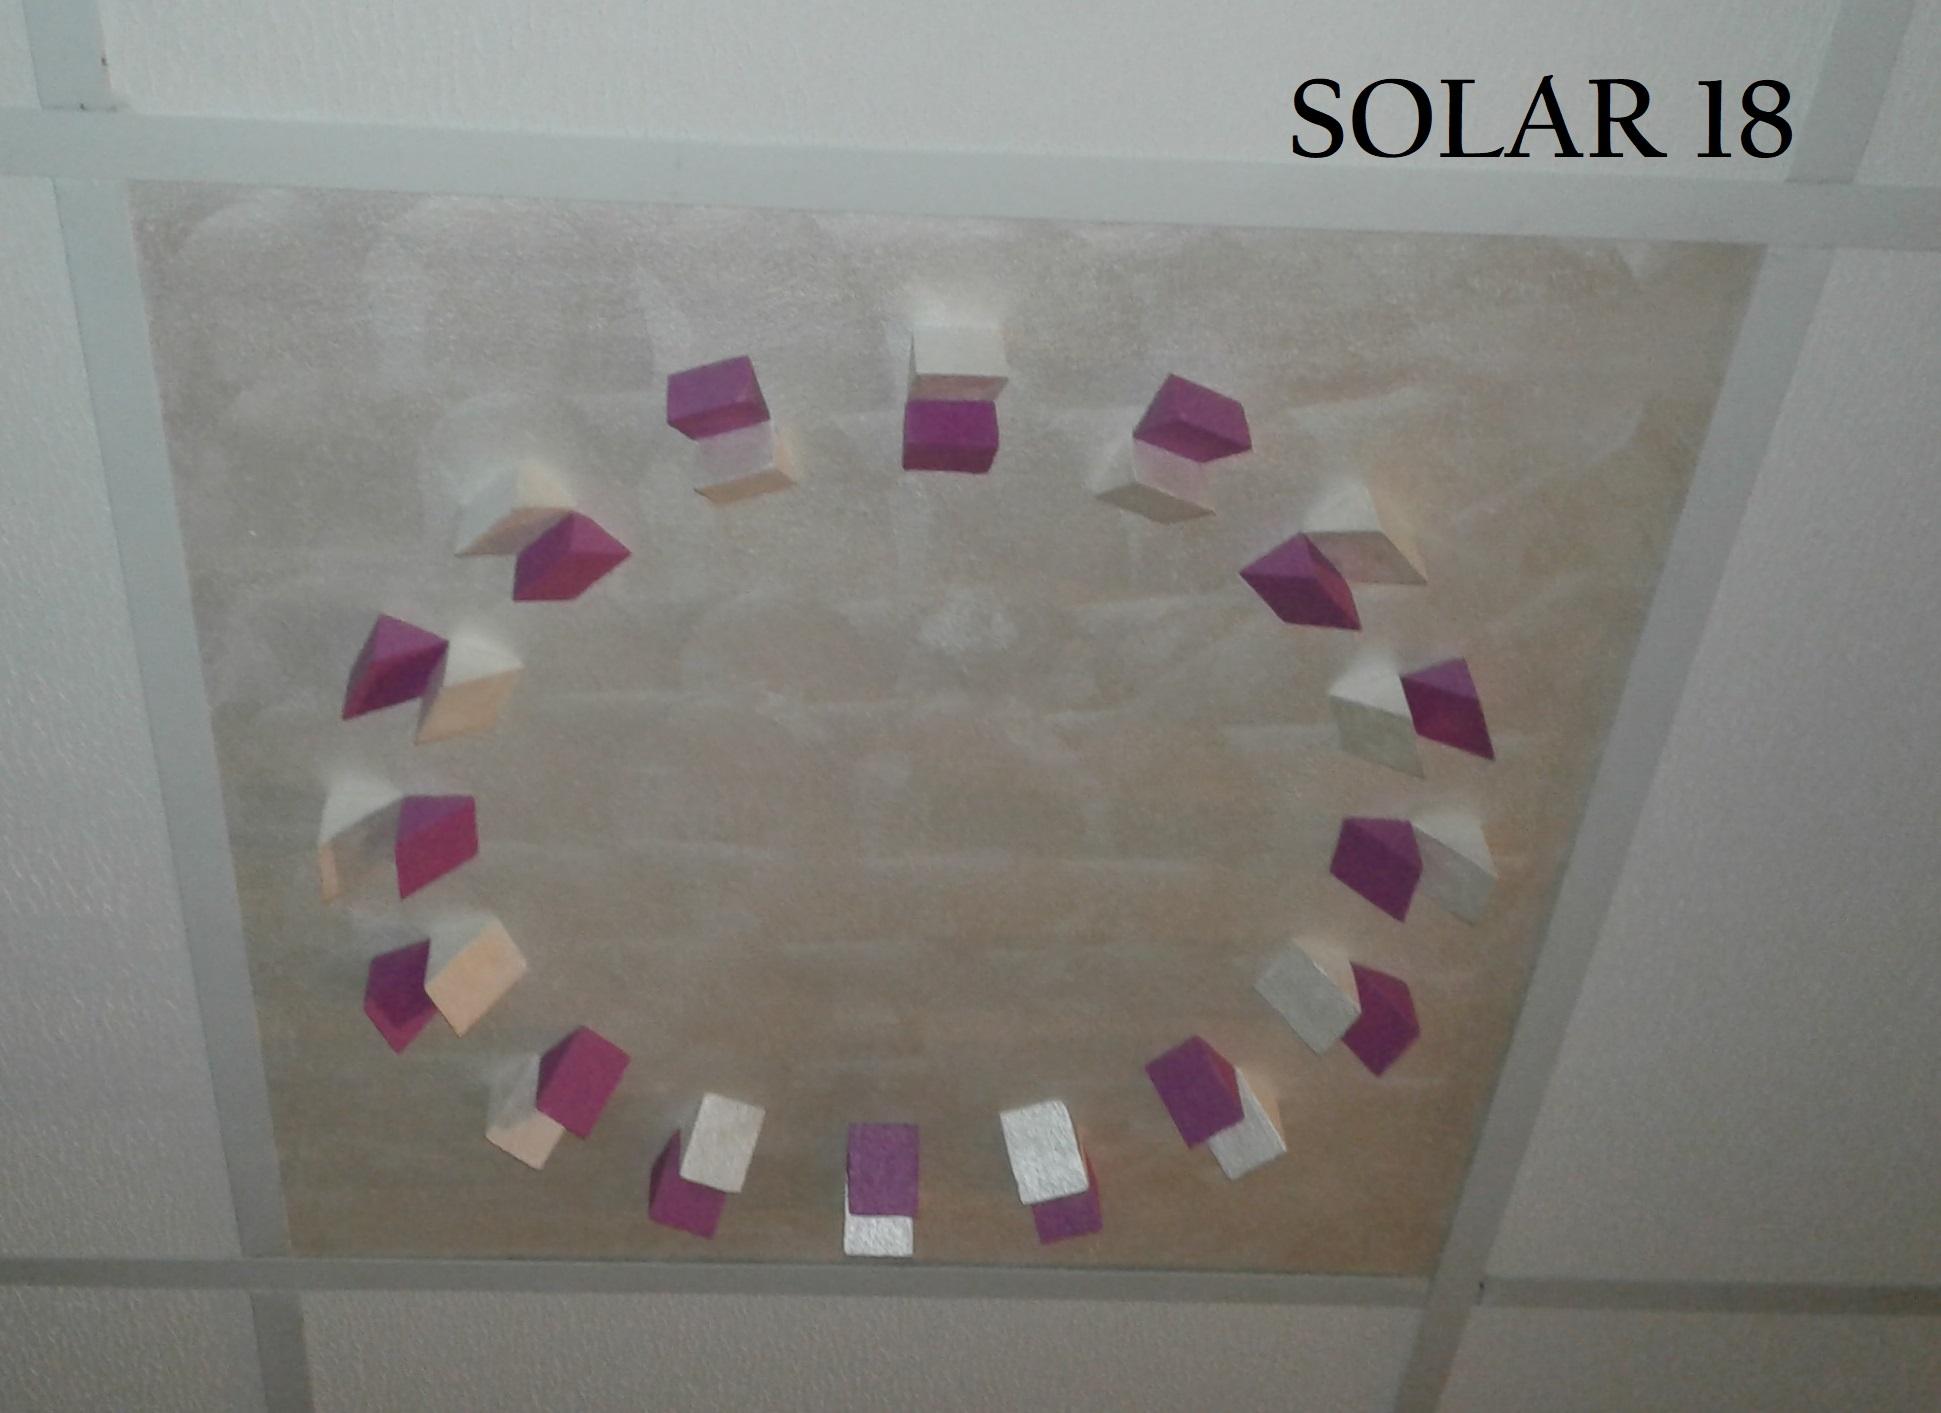 SOLAR 18